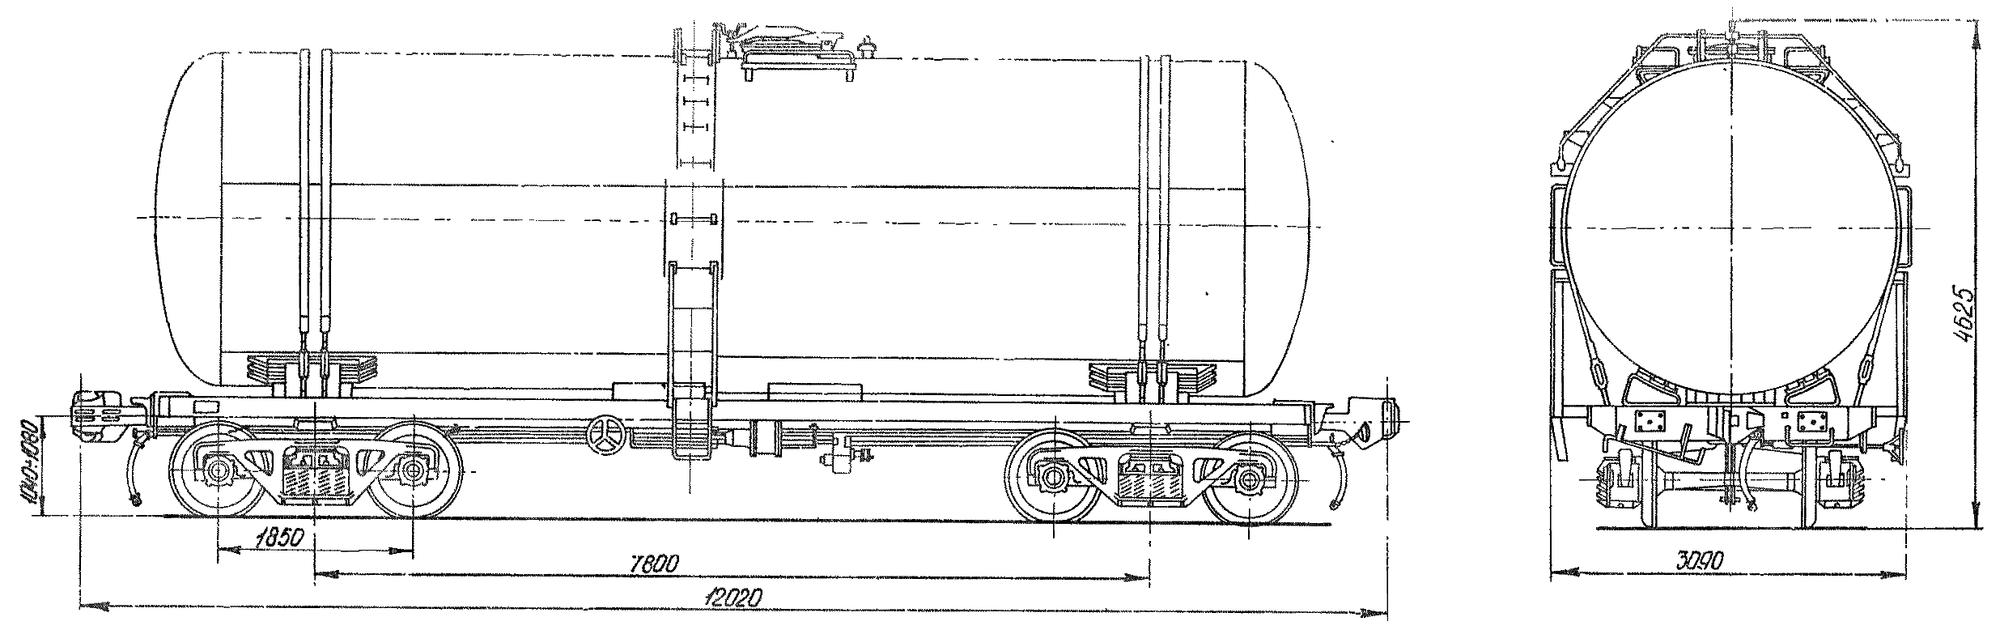 4-осная цистерна для бензина и других светлых нефтепродуктов